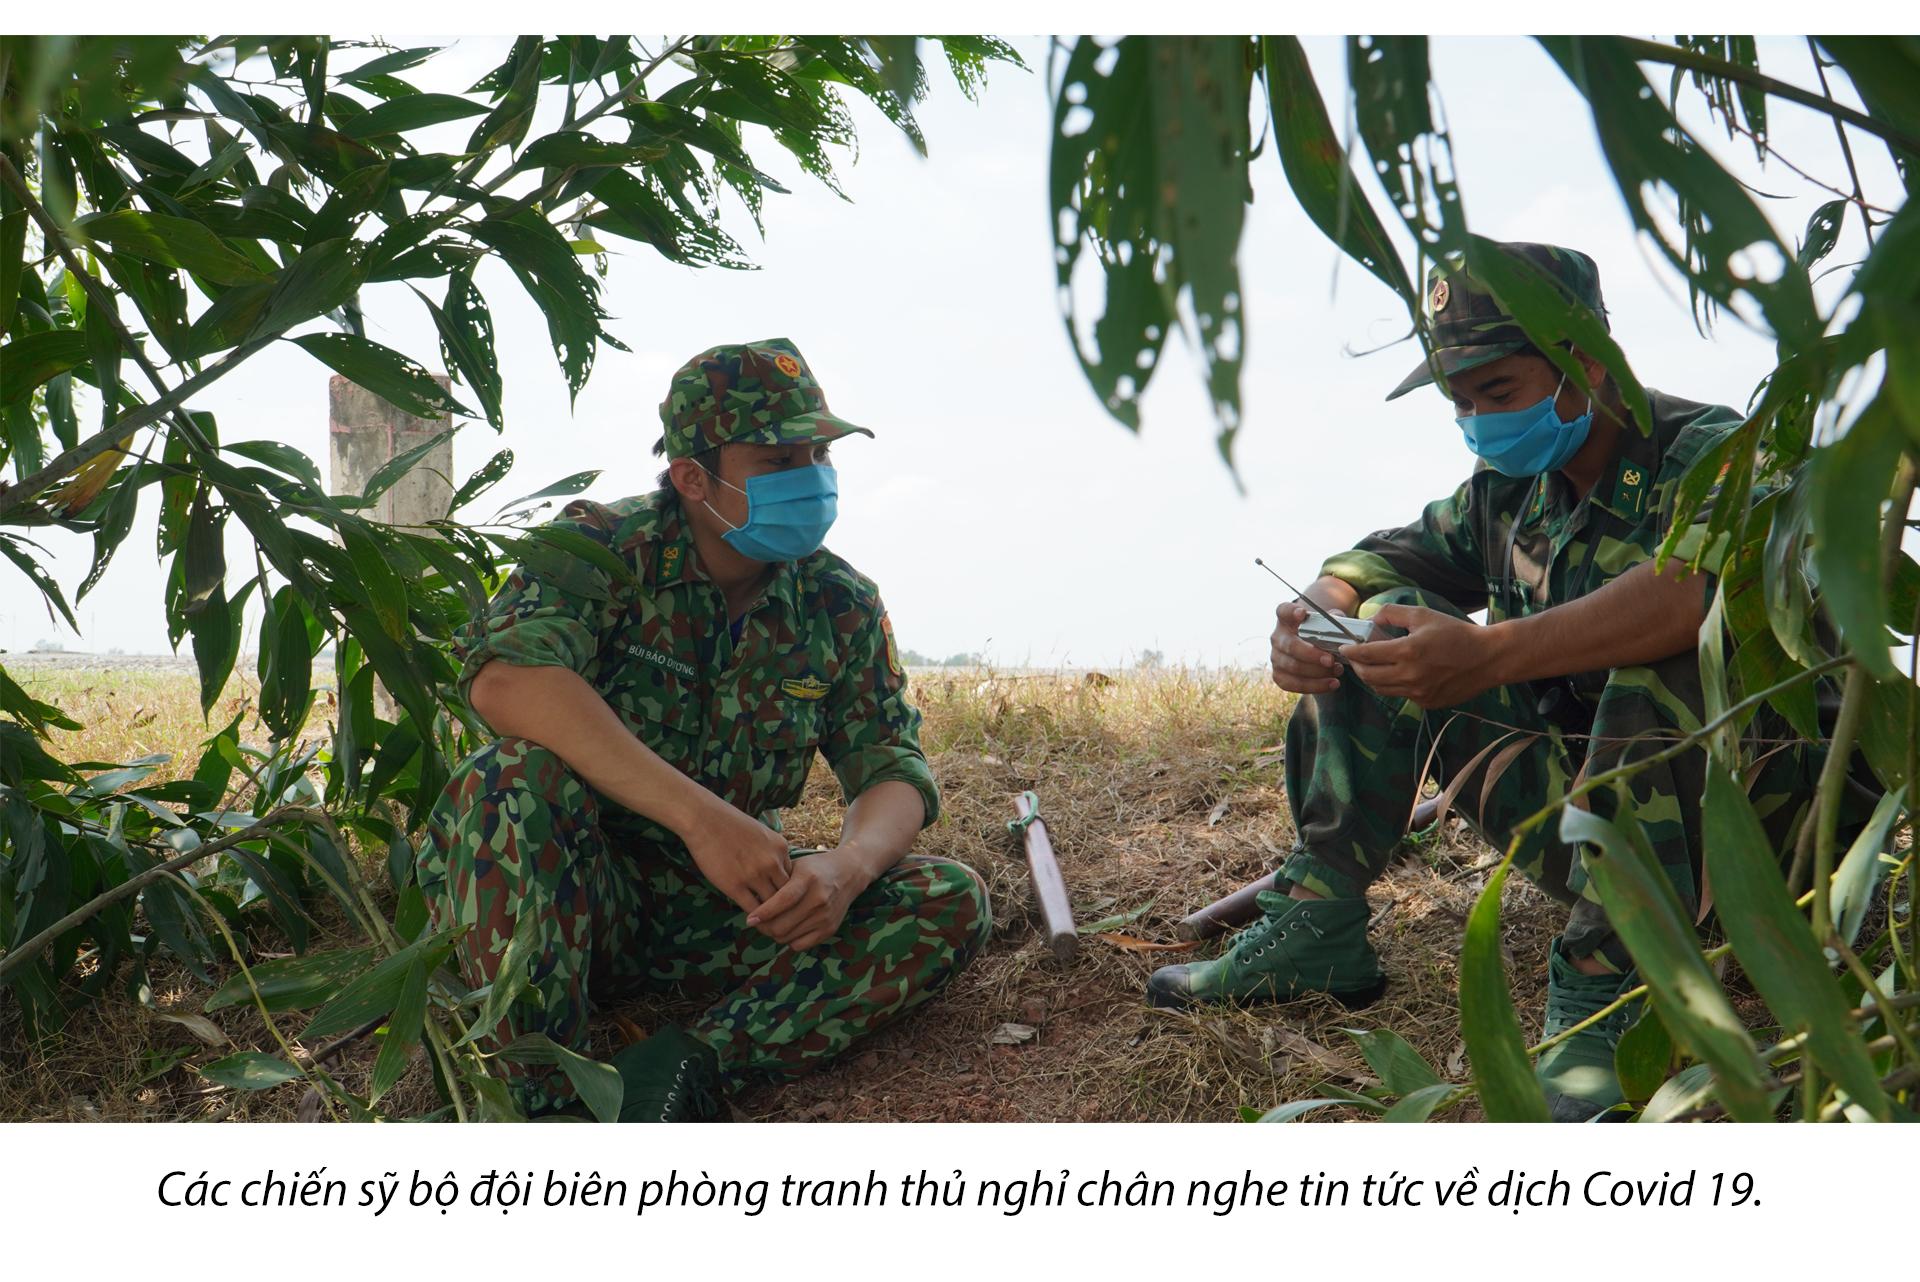 Tâm sự của chiến sĩ biên giới Tây Nam những ngày chống dịch - ảnh 10